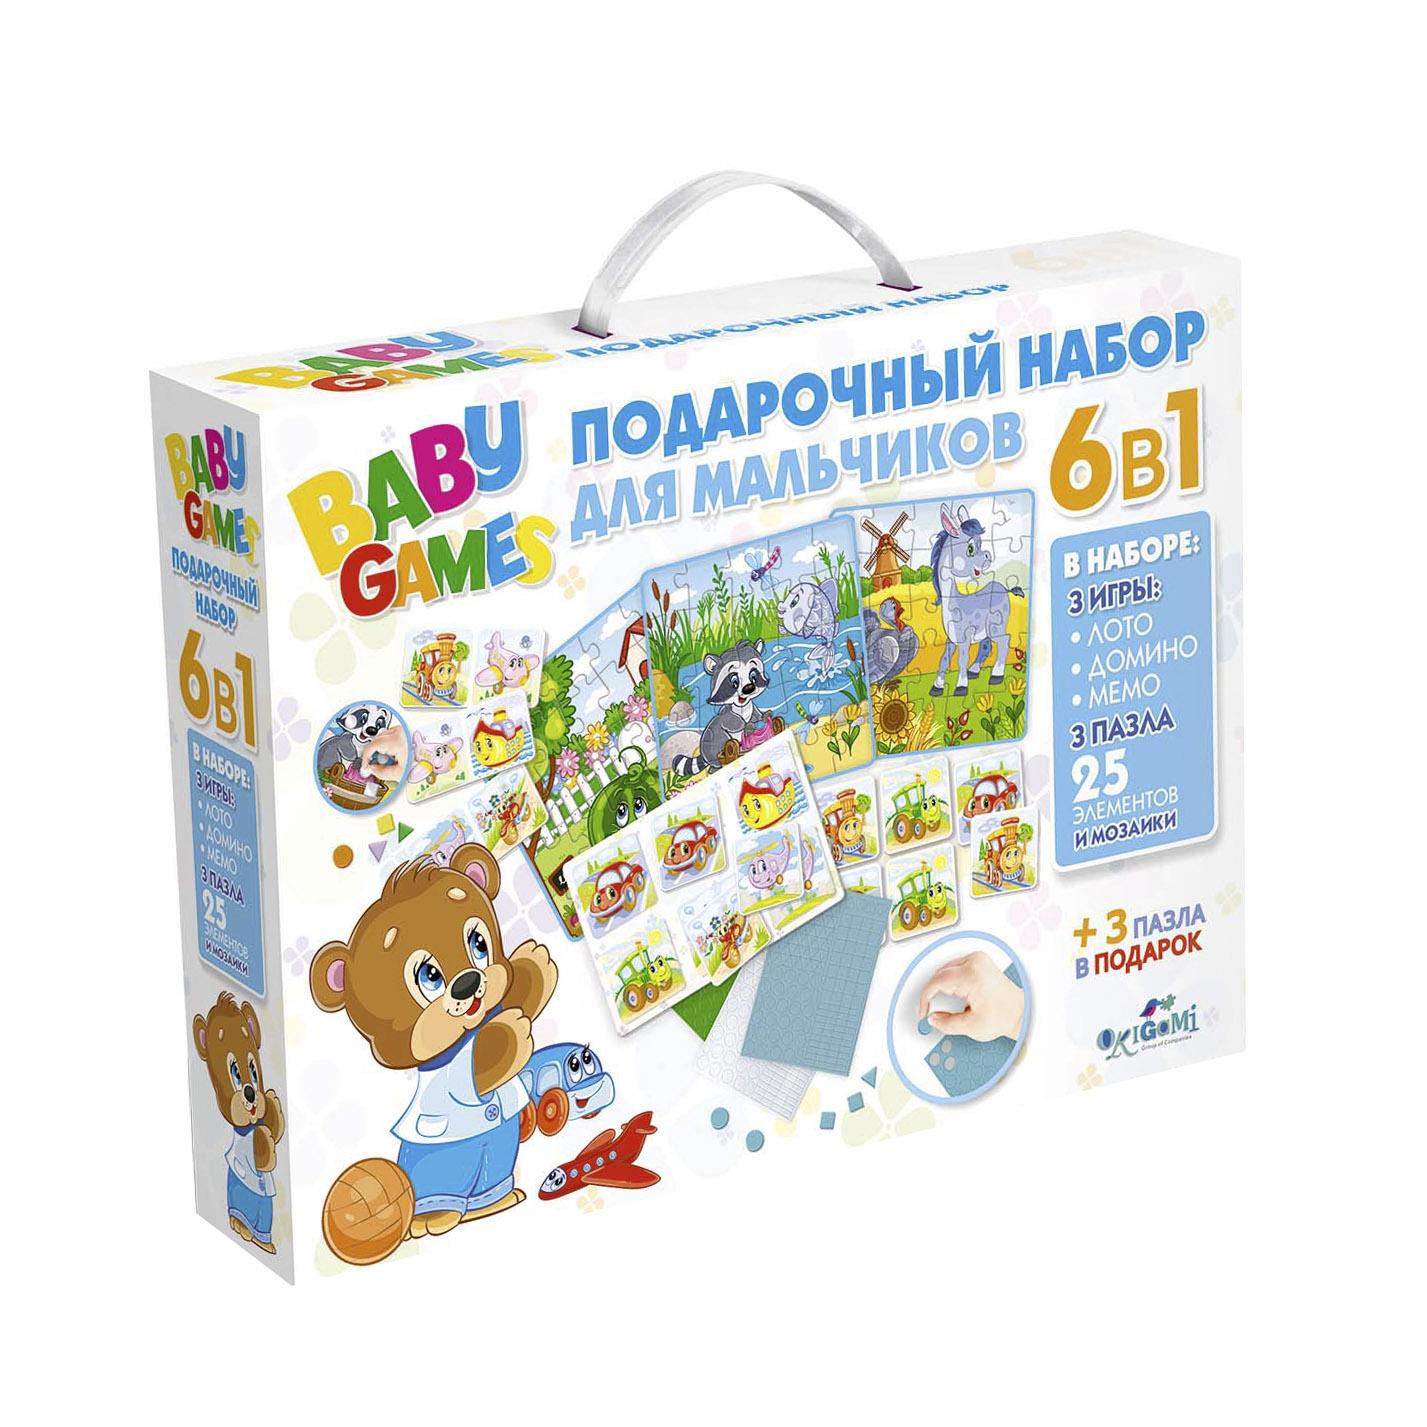 Обучающий набор для малышей 6 в 1 для мальчиков